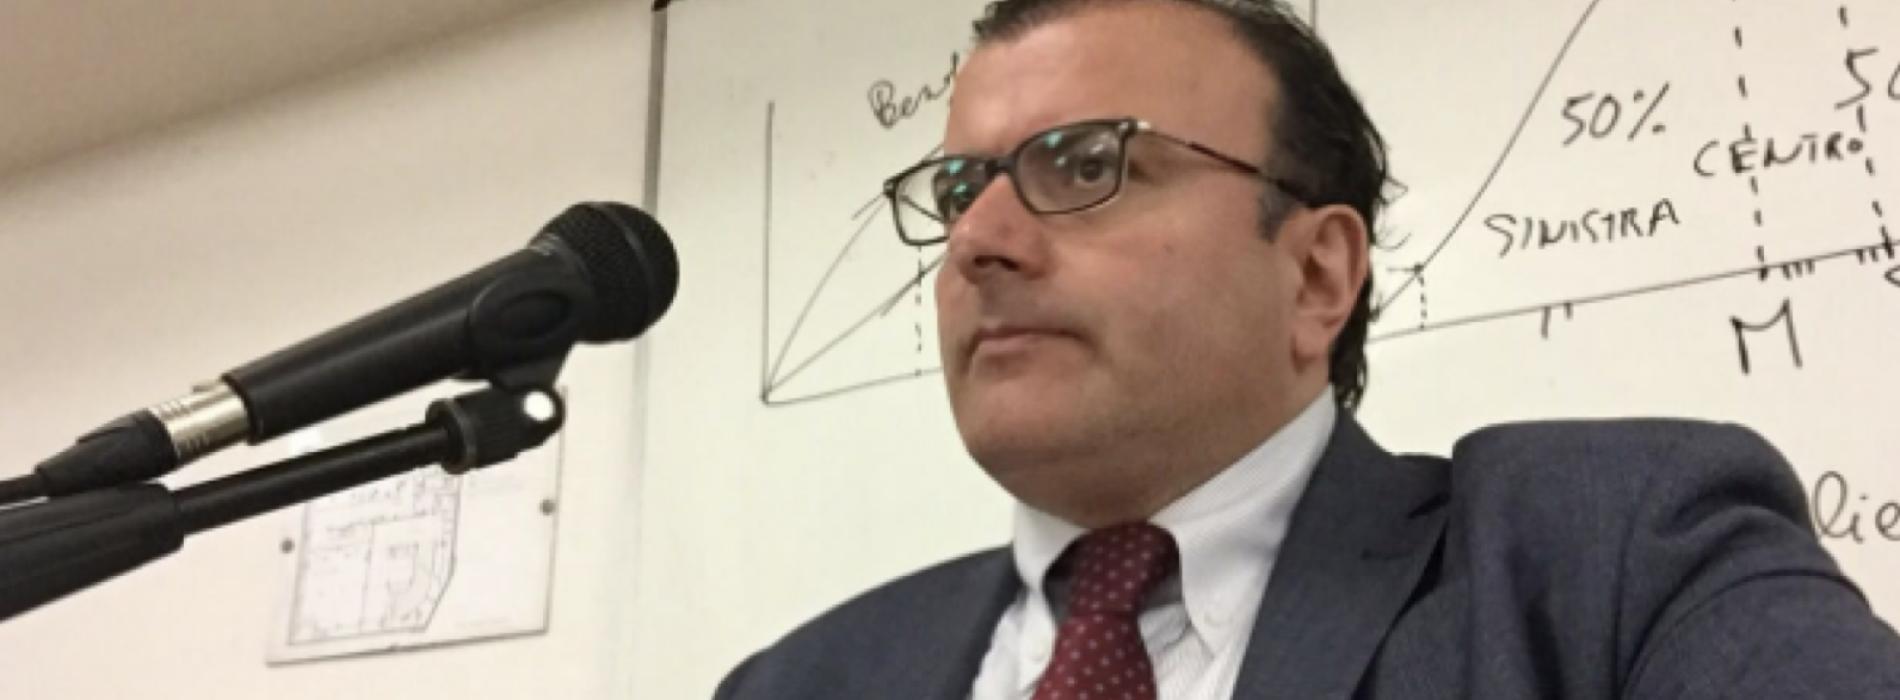 Sanità responsabile, il webinar dell'Ordine degli avvocati di Napoli